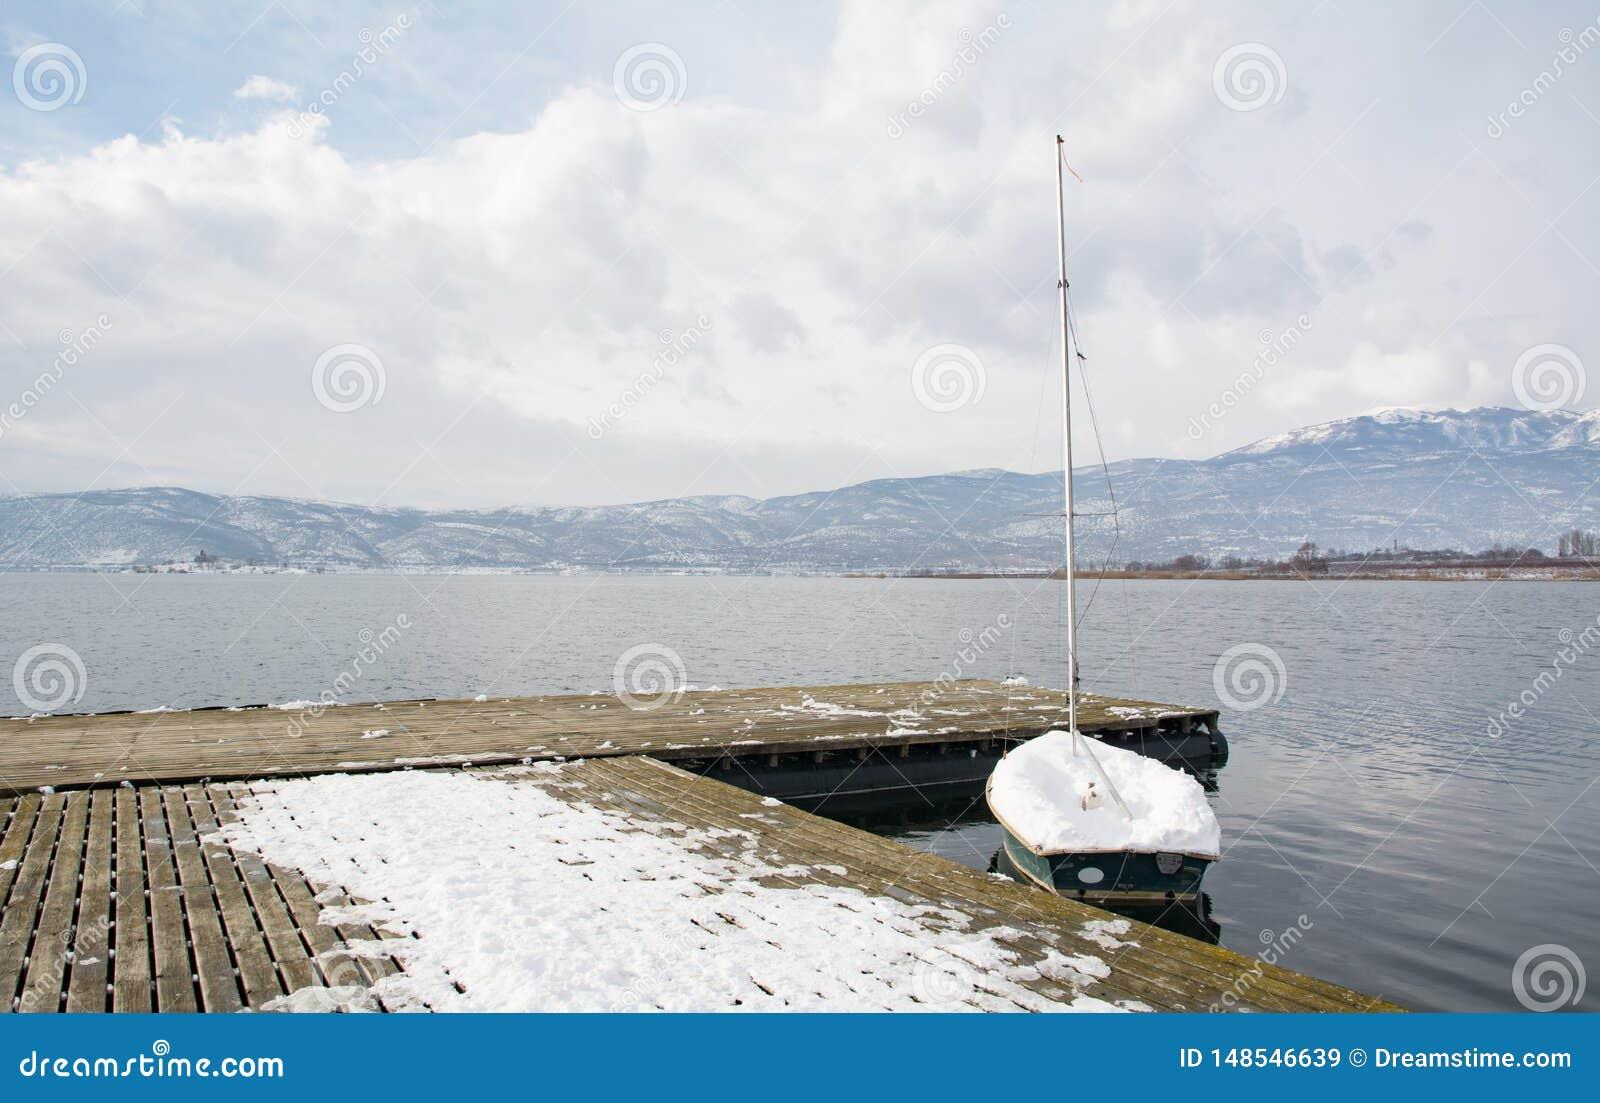 Barca sotto la neve nel lago vegoritis, Grecia